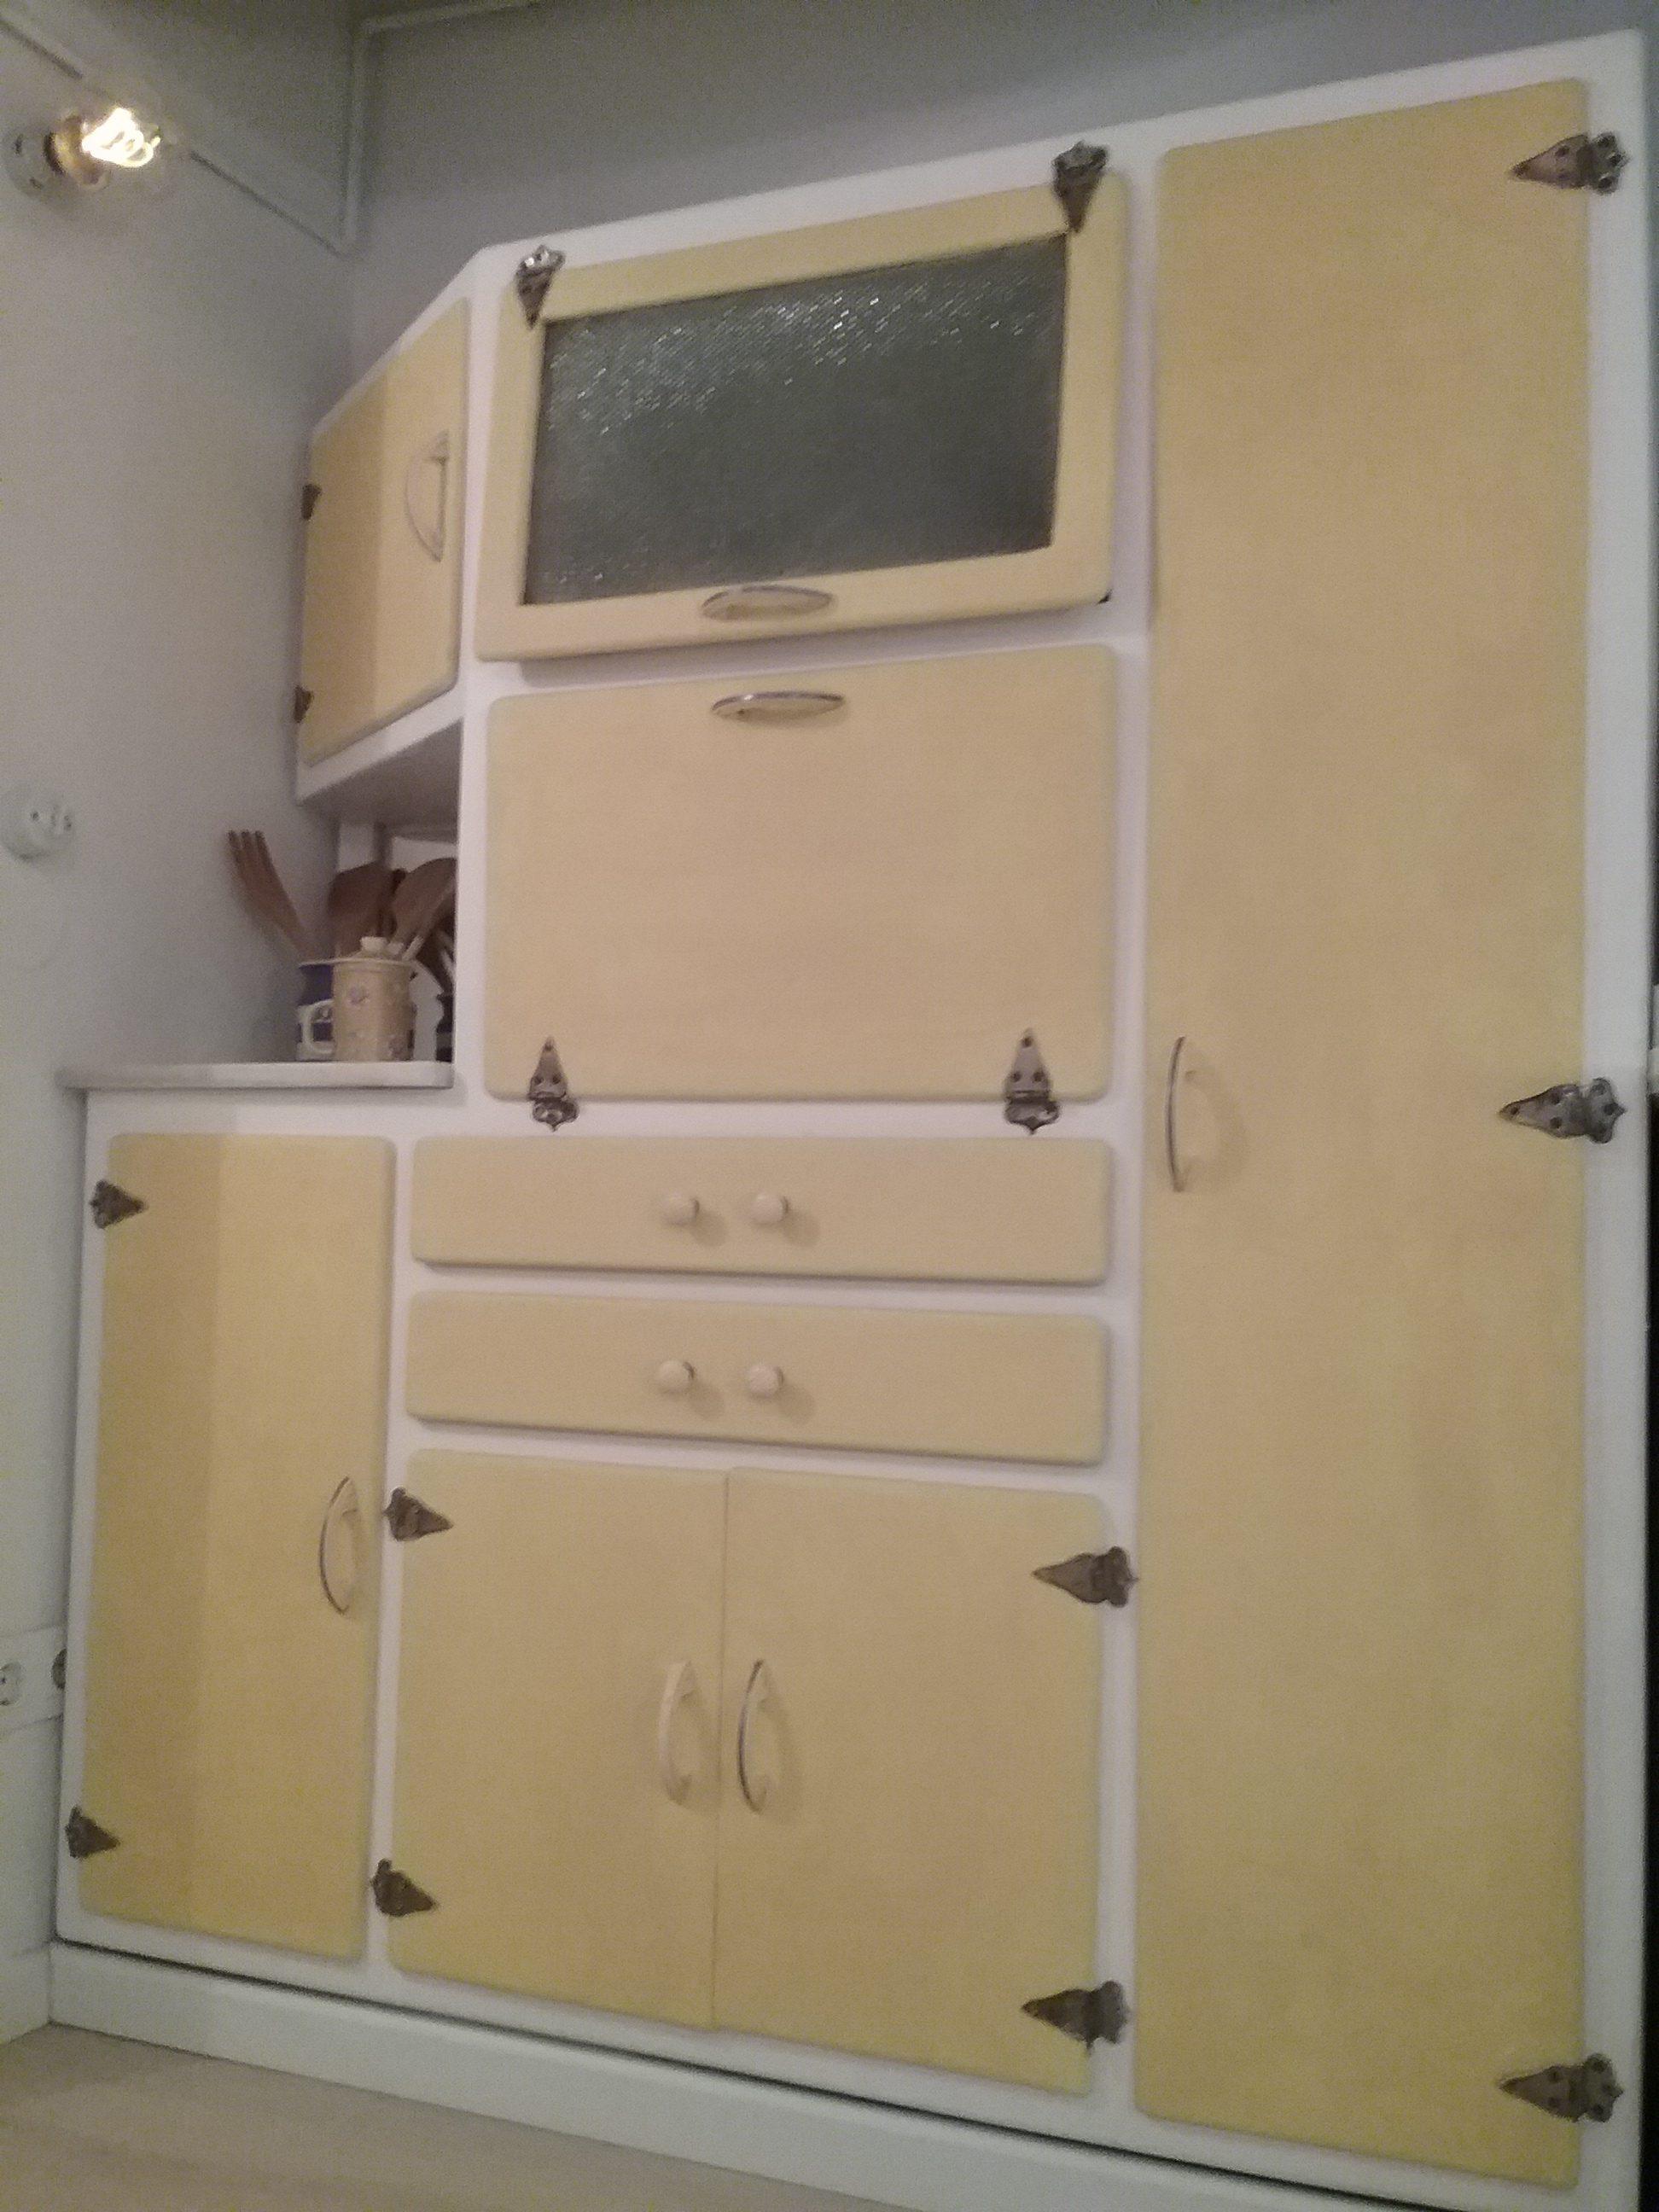 Mueble Cocina Retro - Decoracion Del Hogar - Evenaia.com